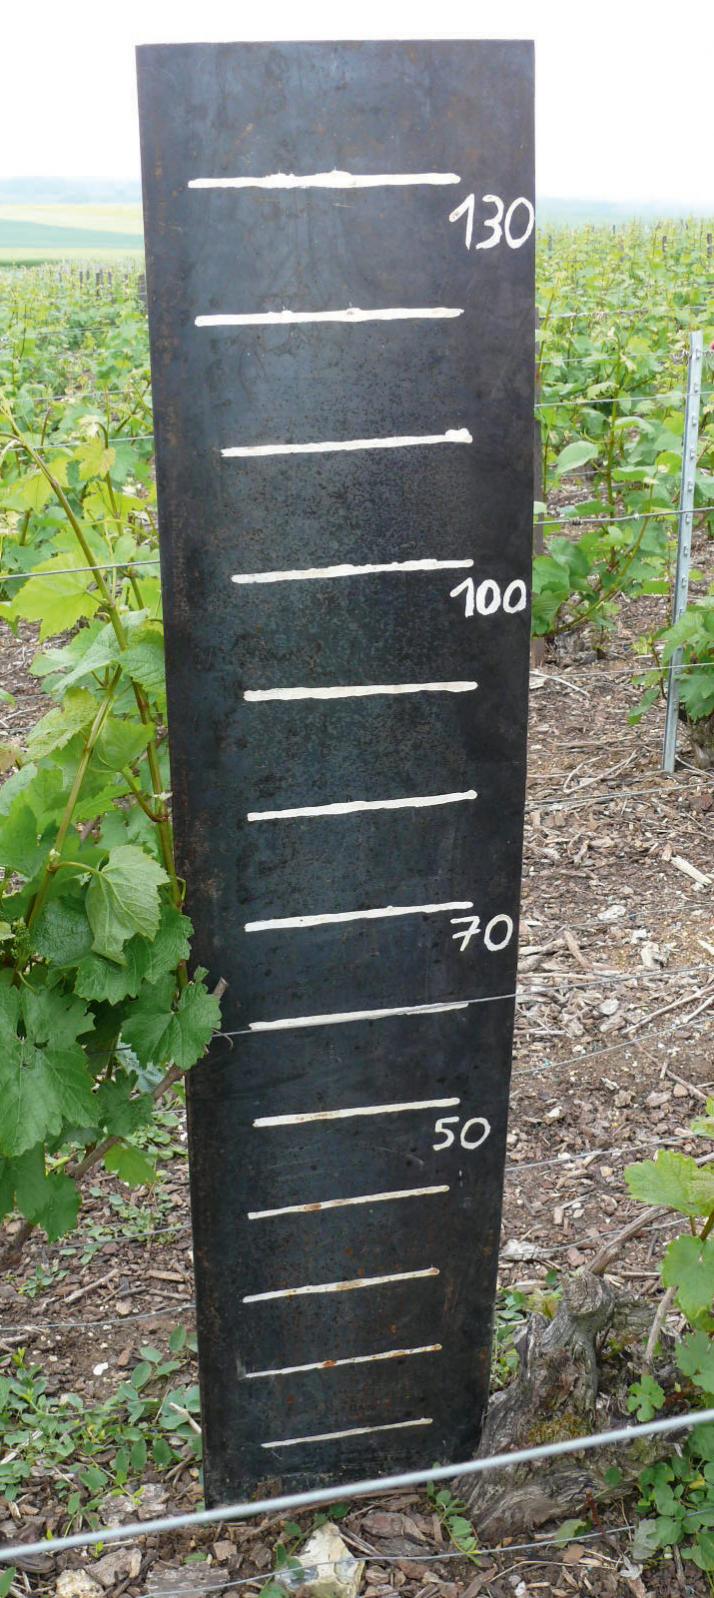 La plaque de fer rouillée permet de régler la hauteur des mains mais aussi leur orientation par rapport à la vigne. Photo : CA 51